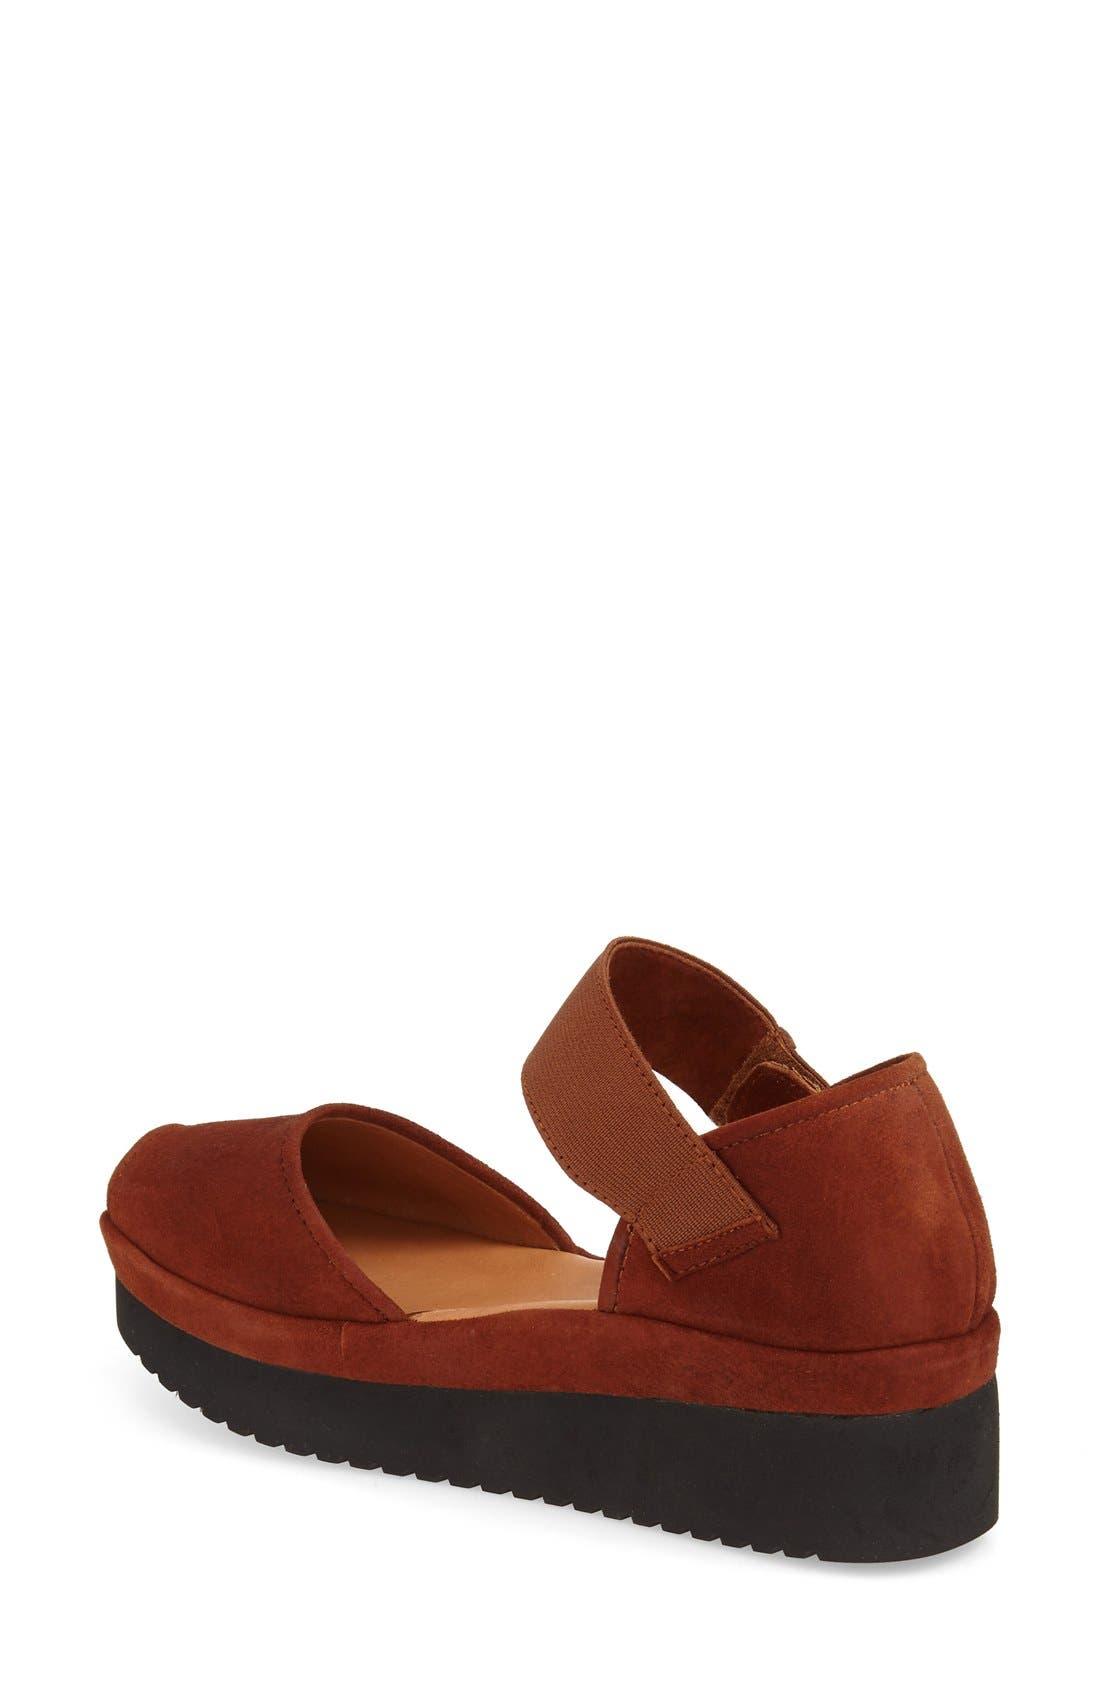 'Amadour' Platform Sandal,                             Alternate thumbnail 19, color,